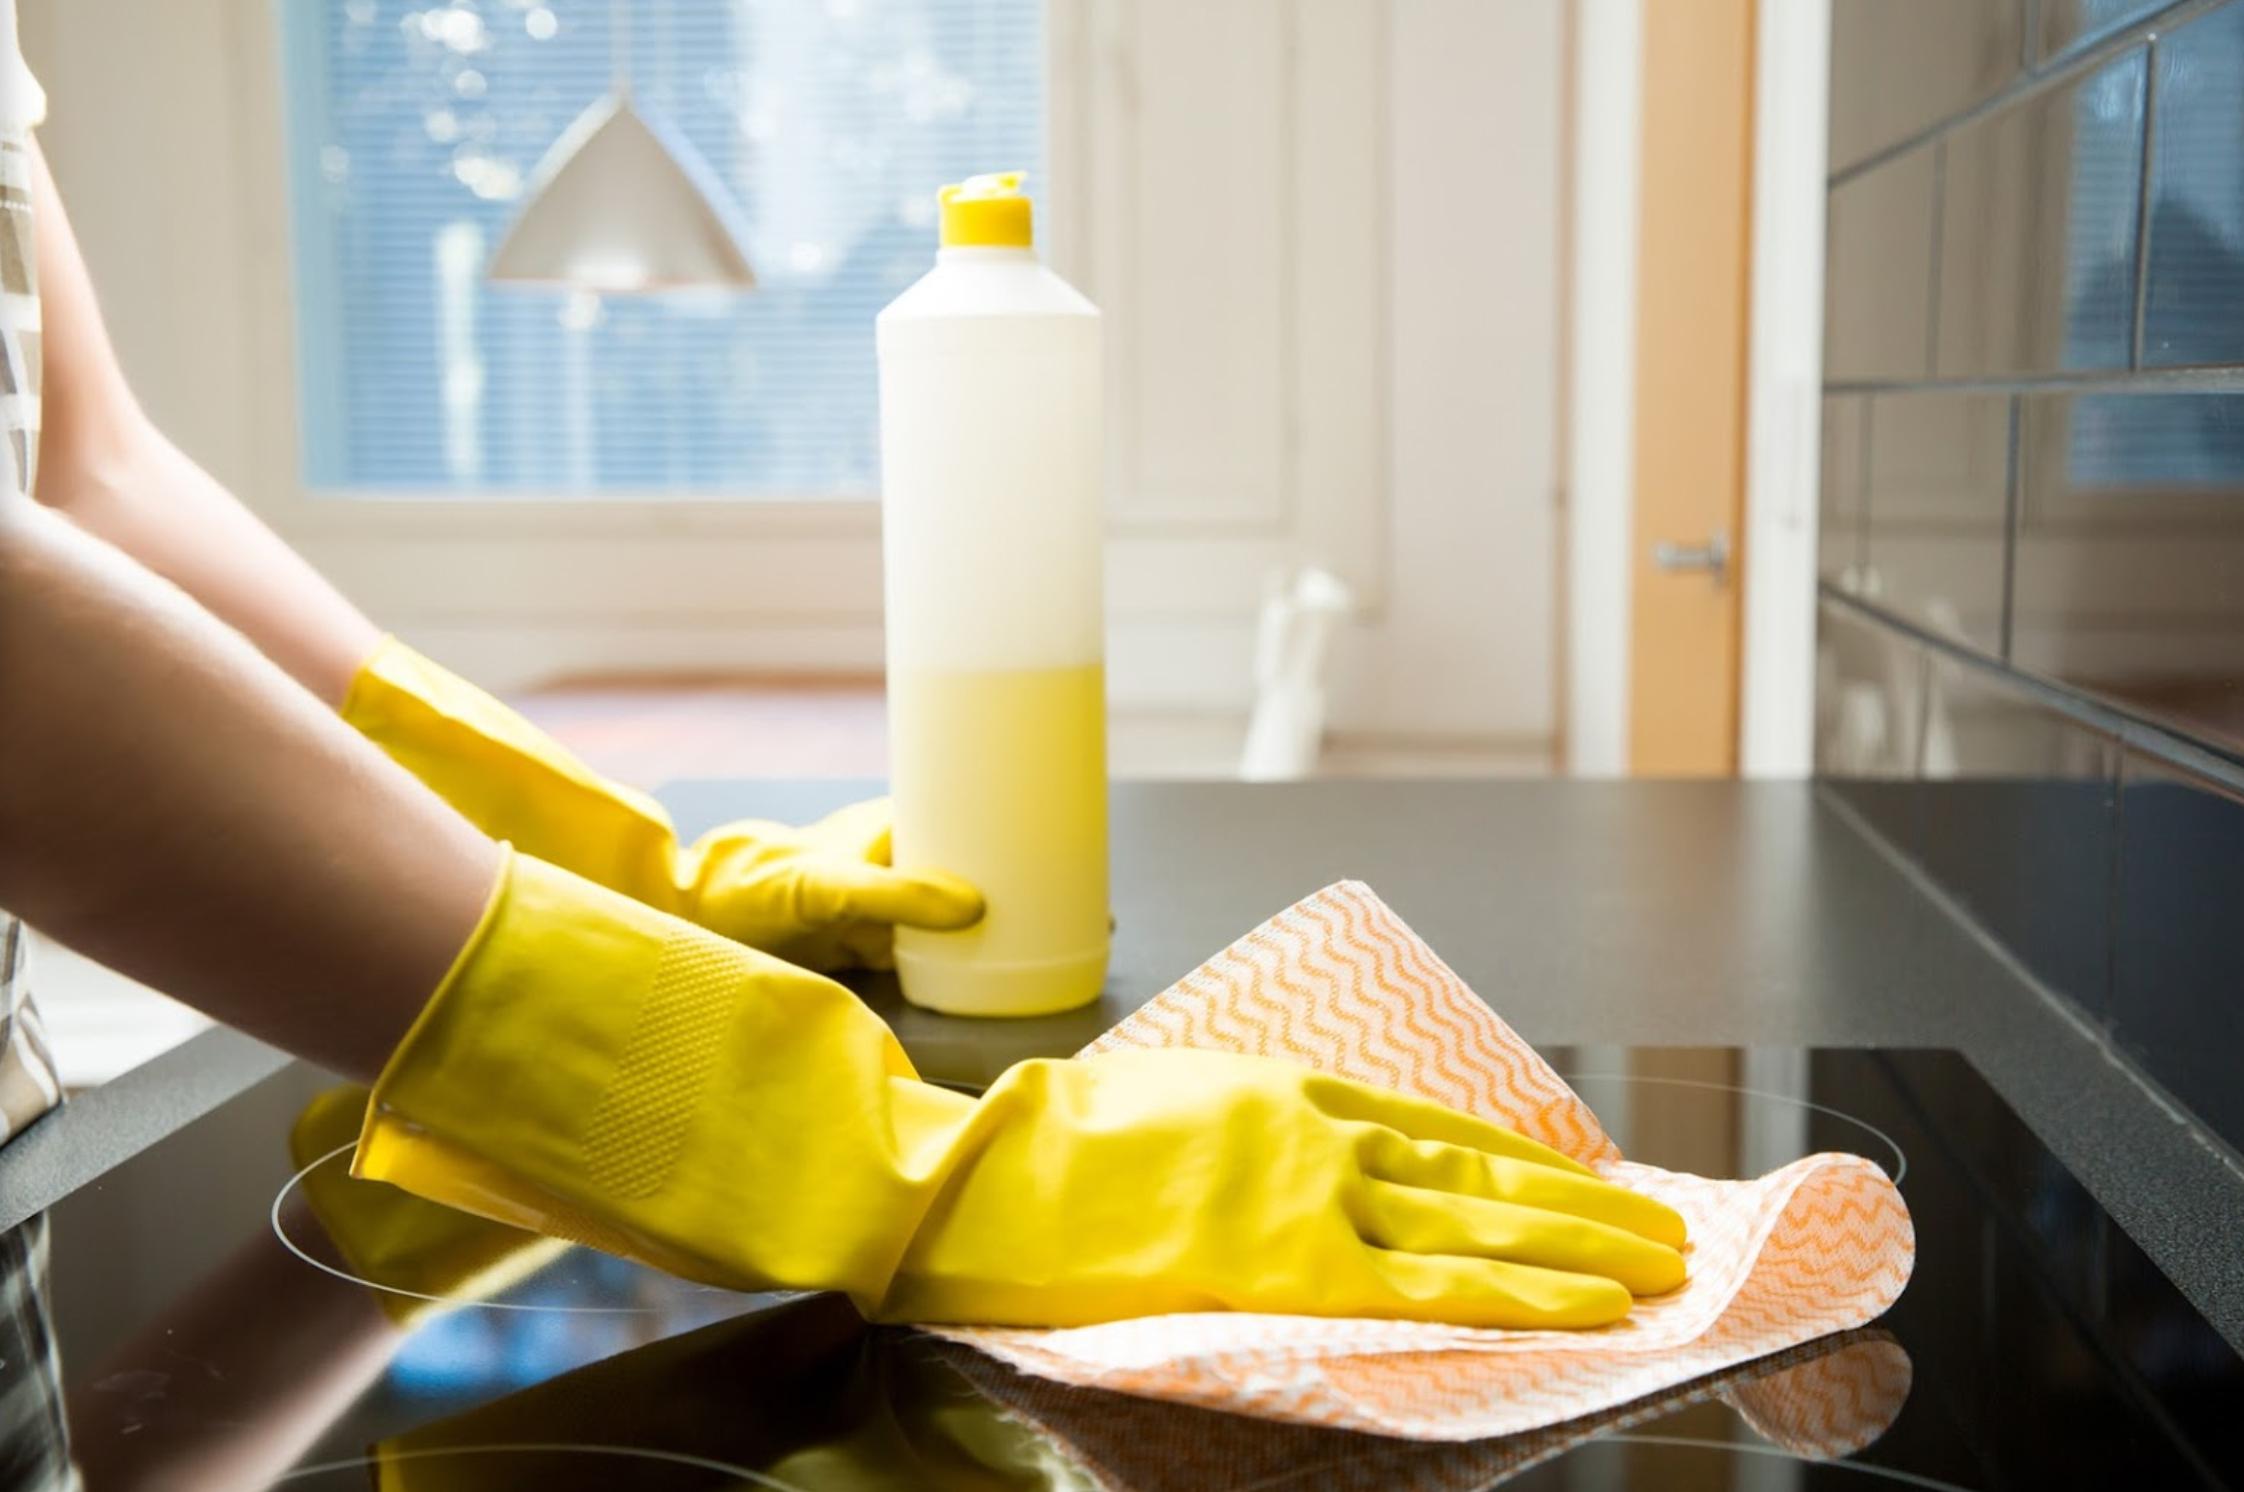 Vi daremo un'ora di prova di pulizia nelle vostre quattro mura